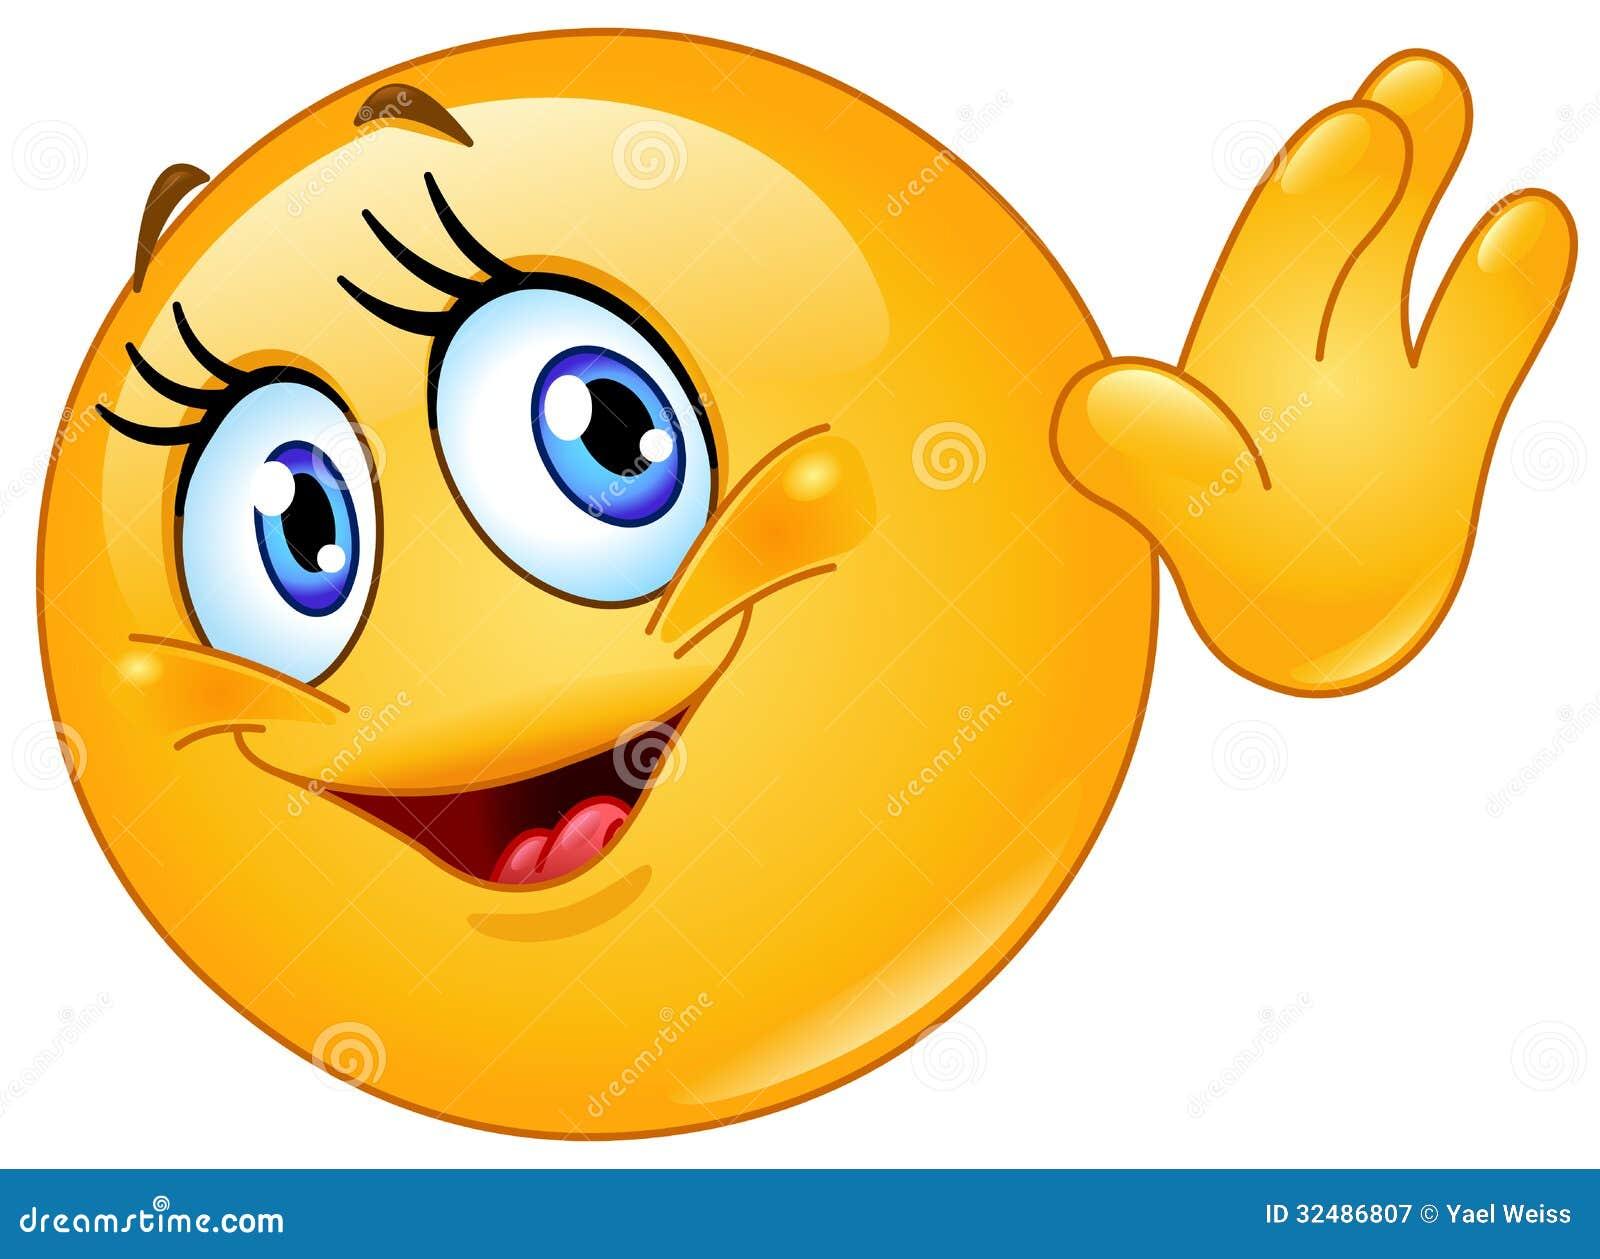 Tu primer tema Hola-que-agita-del-emoticon-femenino-32486807